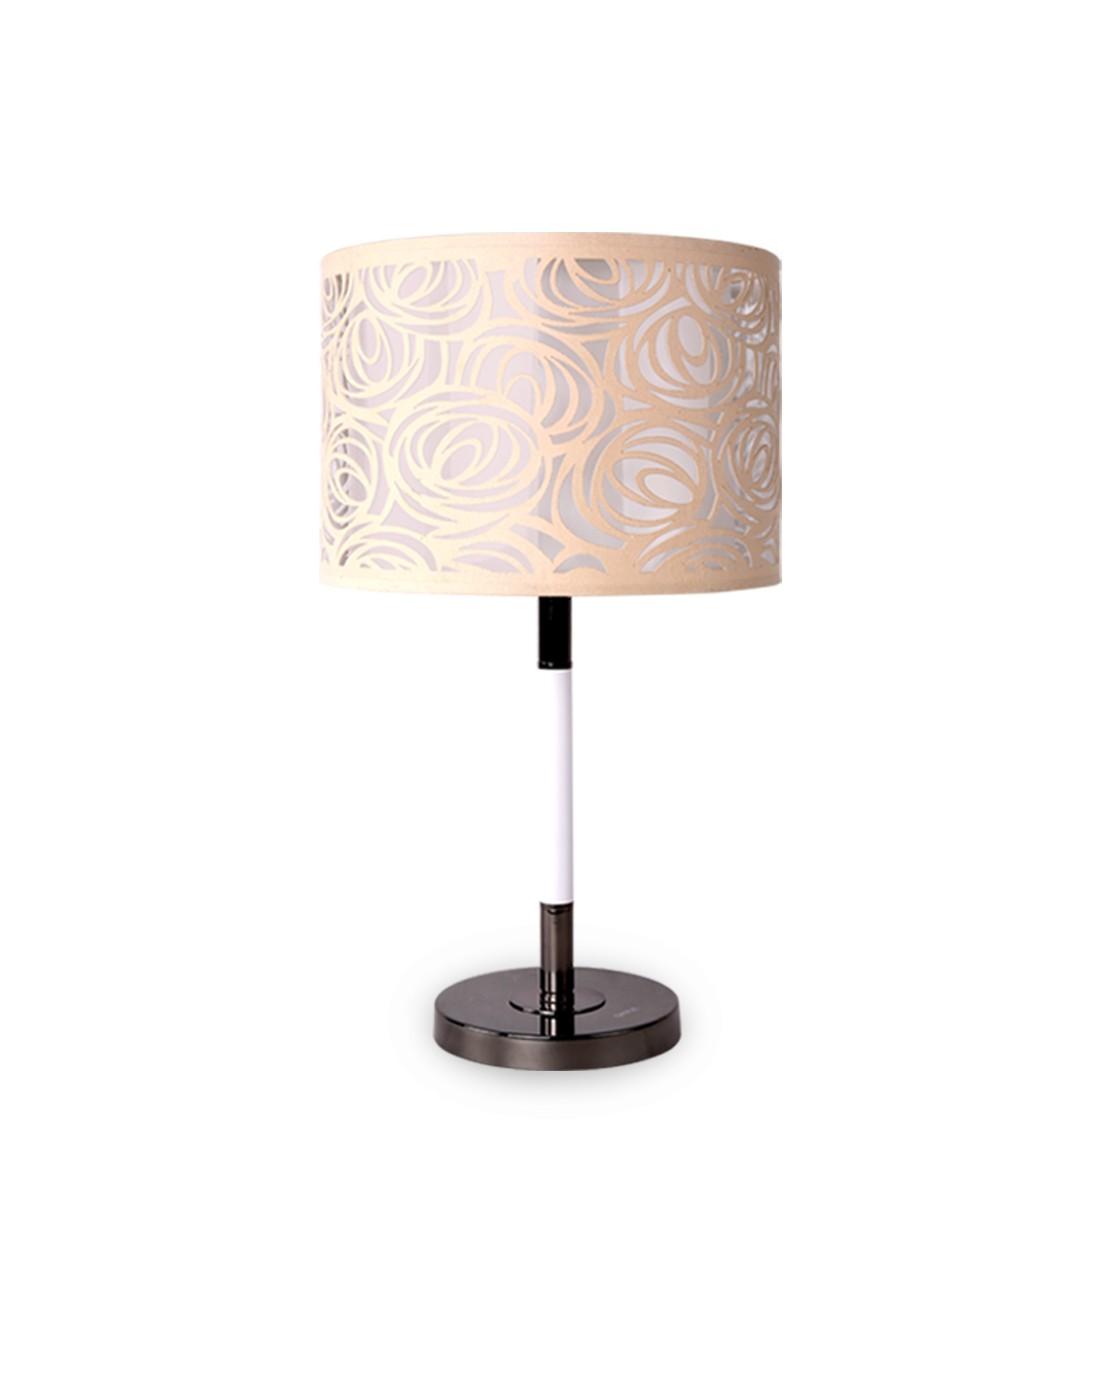 欧普照明专场欧式床头台灯装饰灯rose12-td-40672